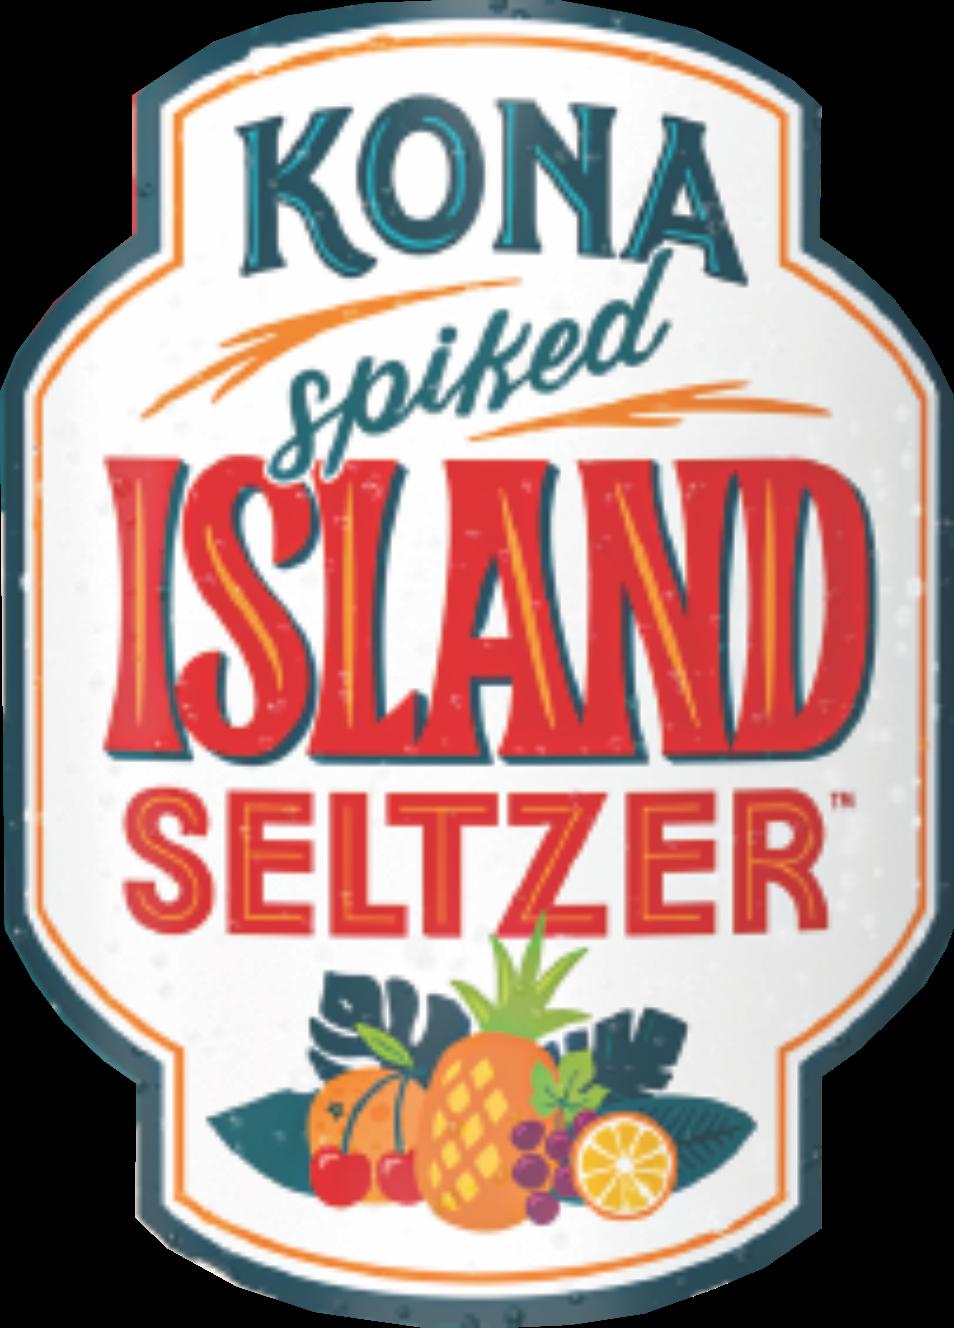 Kona Seltzer